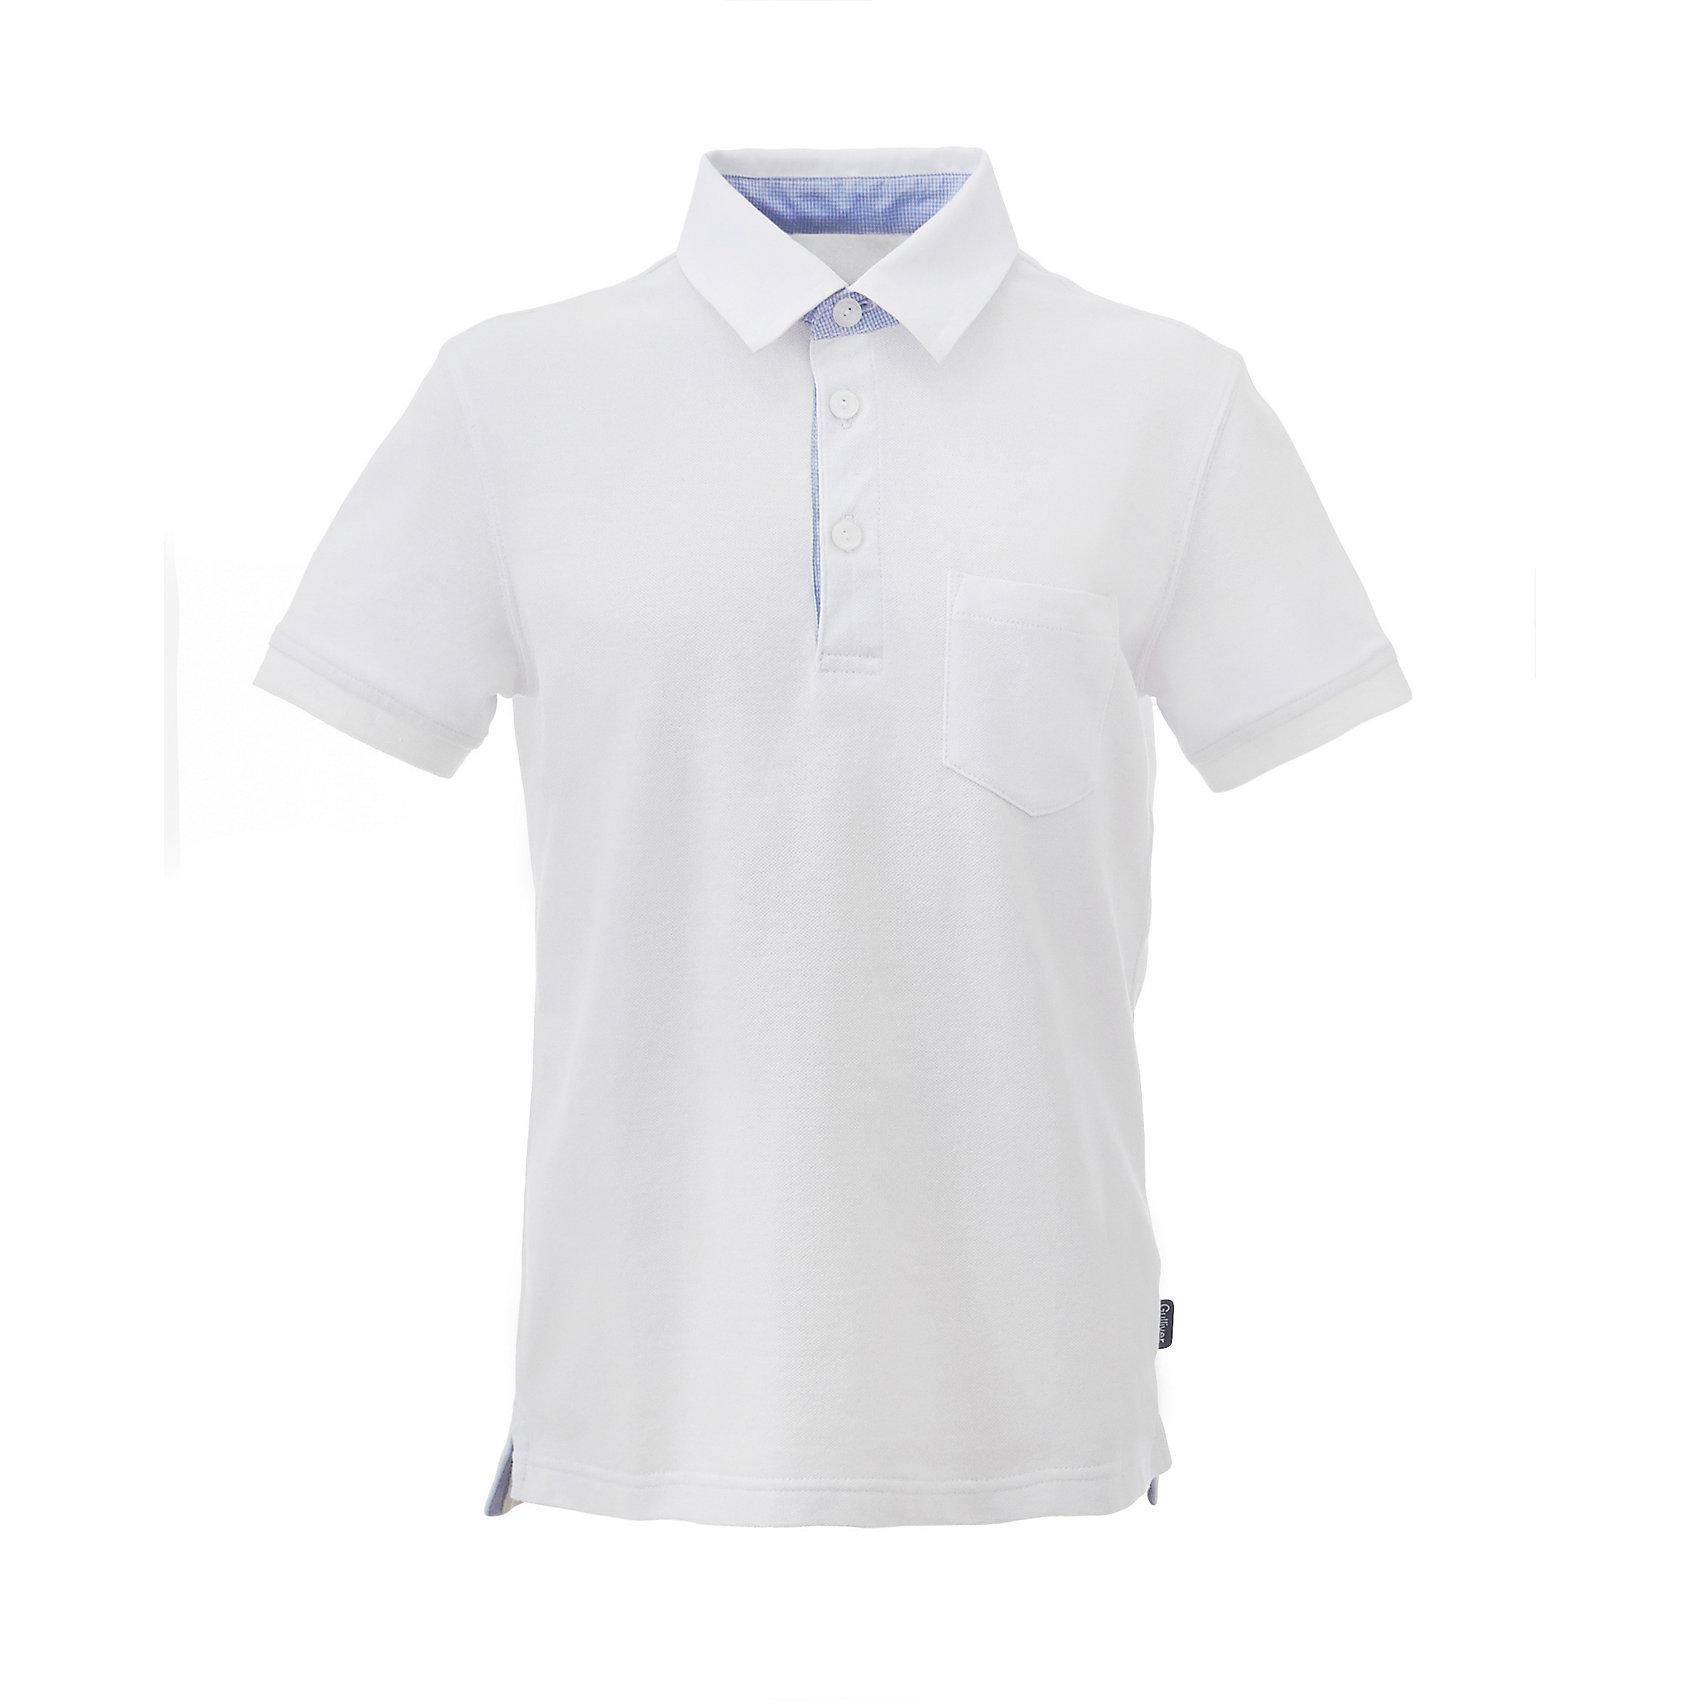 Футболка-поло для мальчика GulliverФутболки, поло и топы<br>Белая футболка поло для мальчика из трикотажа-пике – прекрасное решение на каждый день. В жарких школьных классах, в любое время года, поло - лучшая альтернатива официальной сорочке. В дни, не предполагающие ответственных школьных мероприятий, в поло ребенку будет удобнее, комфортнее, привычнее. Текстильный воротник, трикотажные манжеты, отделочные детали, лаконичная вышивка придают изделию индивидуальность. Купить поло для мальчика стоит в двух цветах, разнообразив повседневный школьный look ребенка.<br>Состав:<br>95% хлопок        5% эластан<br><br>Ширина мм: 199<br>Глубина мм: 10<br>Высота мм: 161<br>Вес г: 151<br>Цвет: белый<br>Возраст от месяцев: 168<br>Возраст до месяцев: 180<br>Пол: Мужской<br>Возраст: Детский<br>Размер: 170,122,128,134,140,146,152,158,164<br>SKU: 6678216